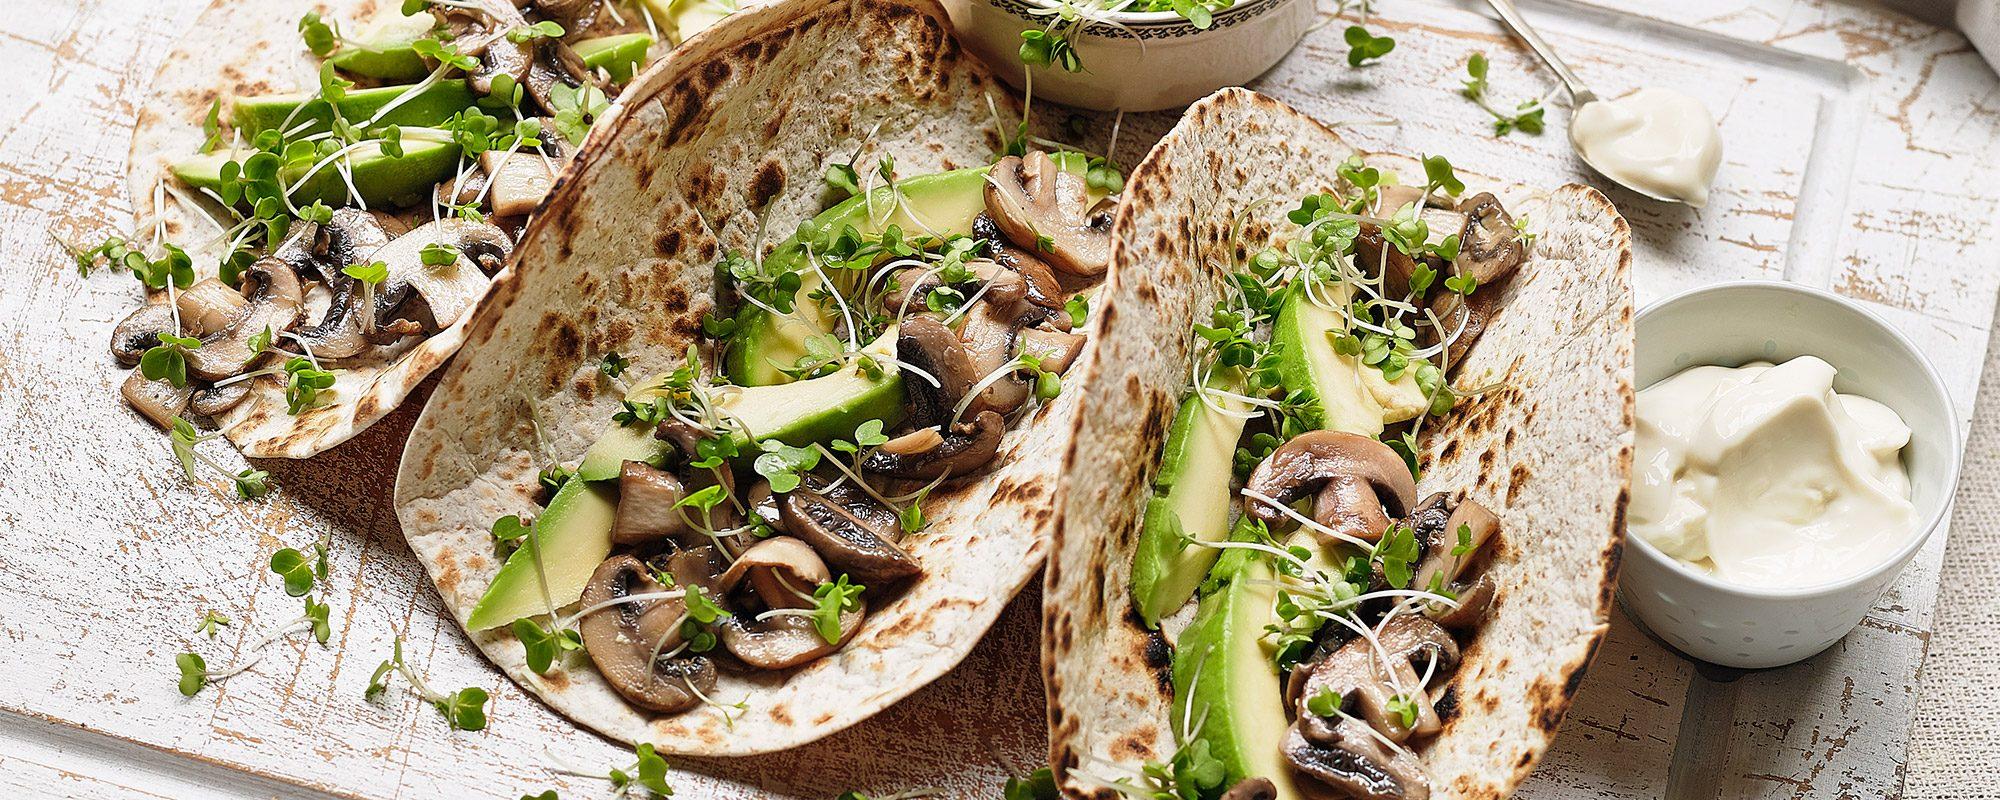 Mushroom, Avocado & Salad Cress Tacos with Sour Cream